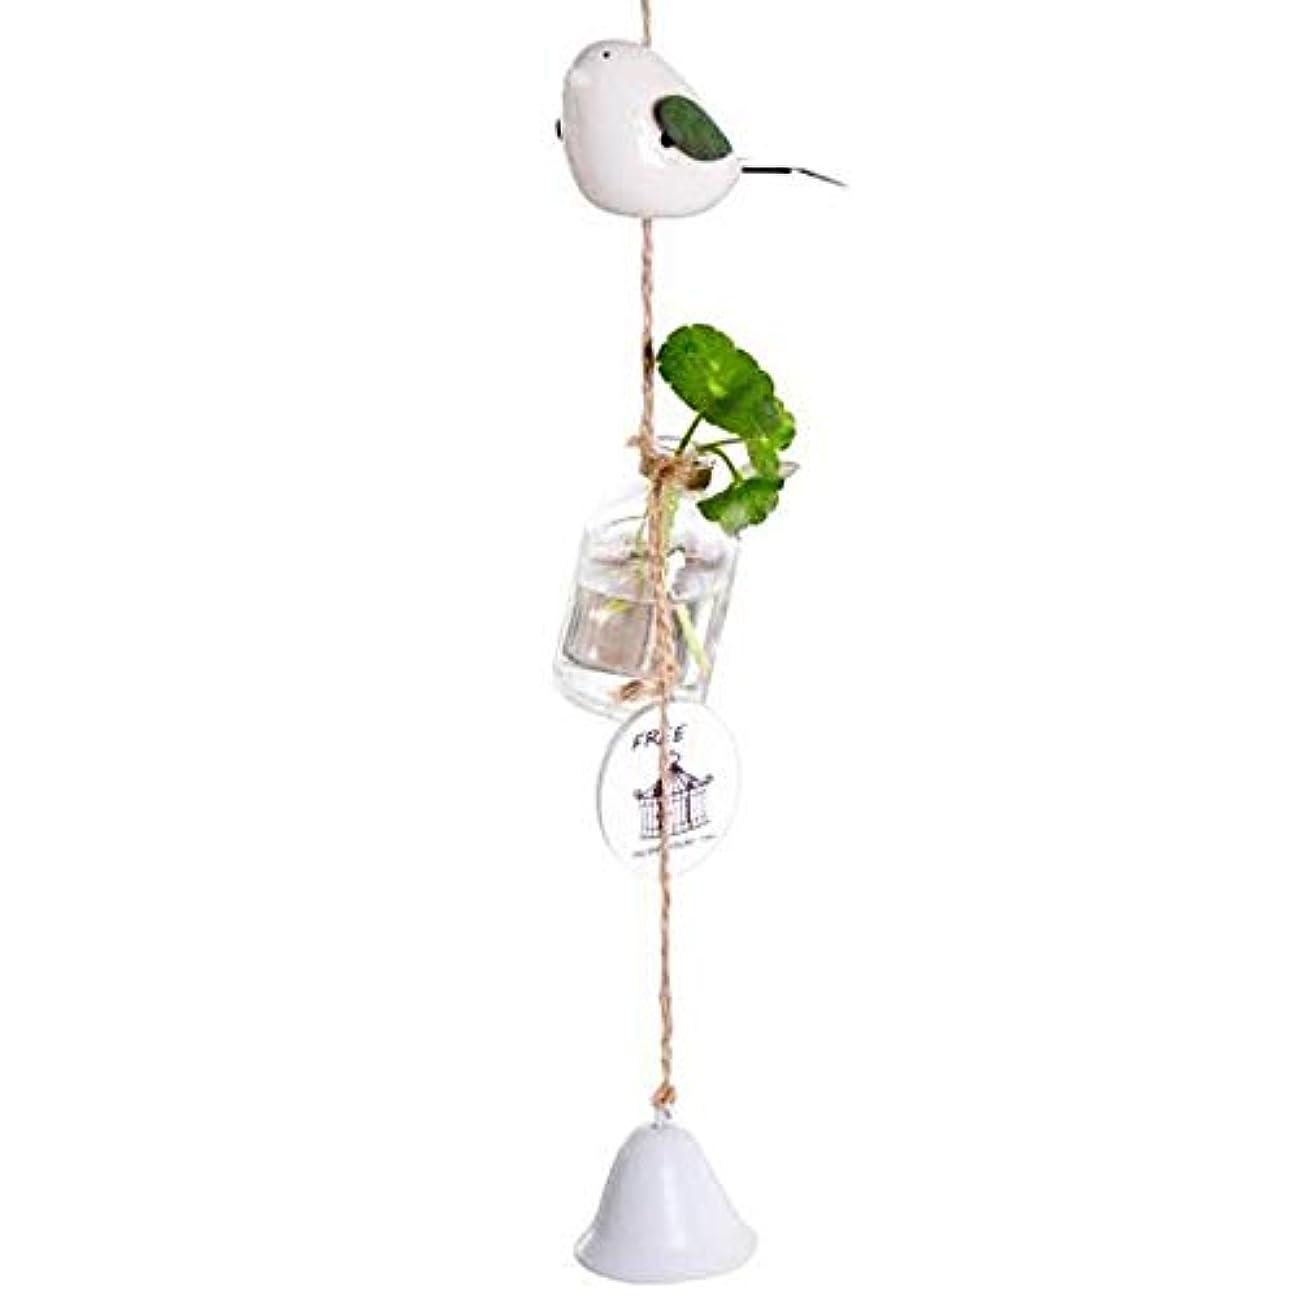 転用頼む蜂Fengshangshanghang 風チャイム、クリエイティブ?グラス風チャイム、白、ロープの長さ63センチメートルボトル(なし植物),家の装飾 (Color : White)